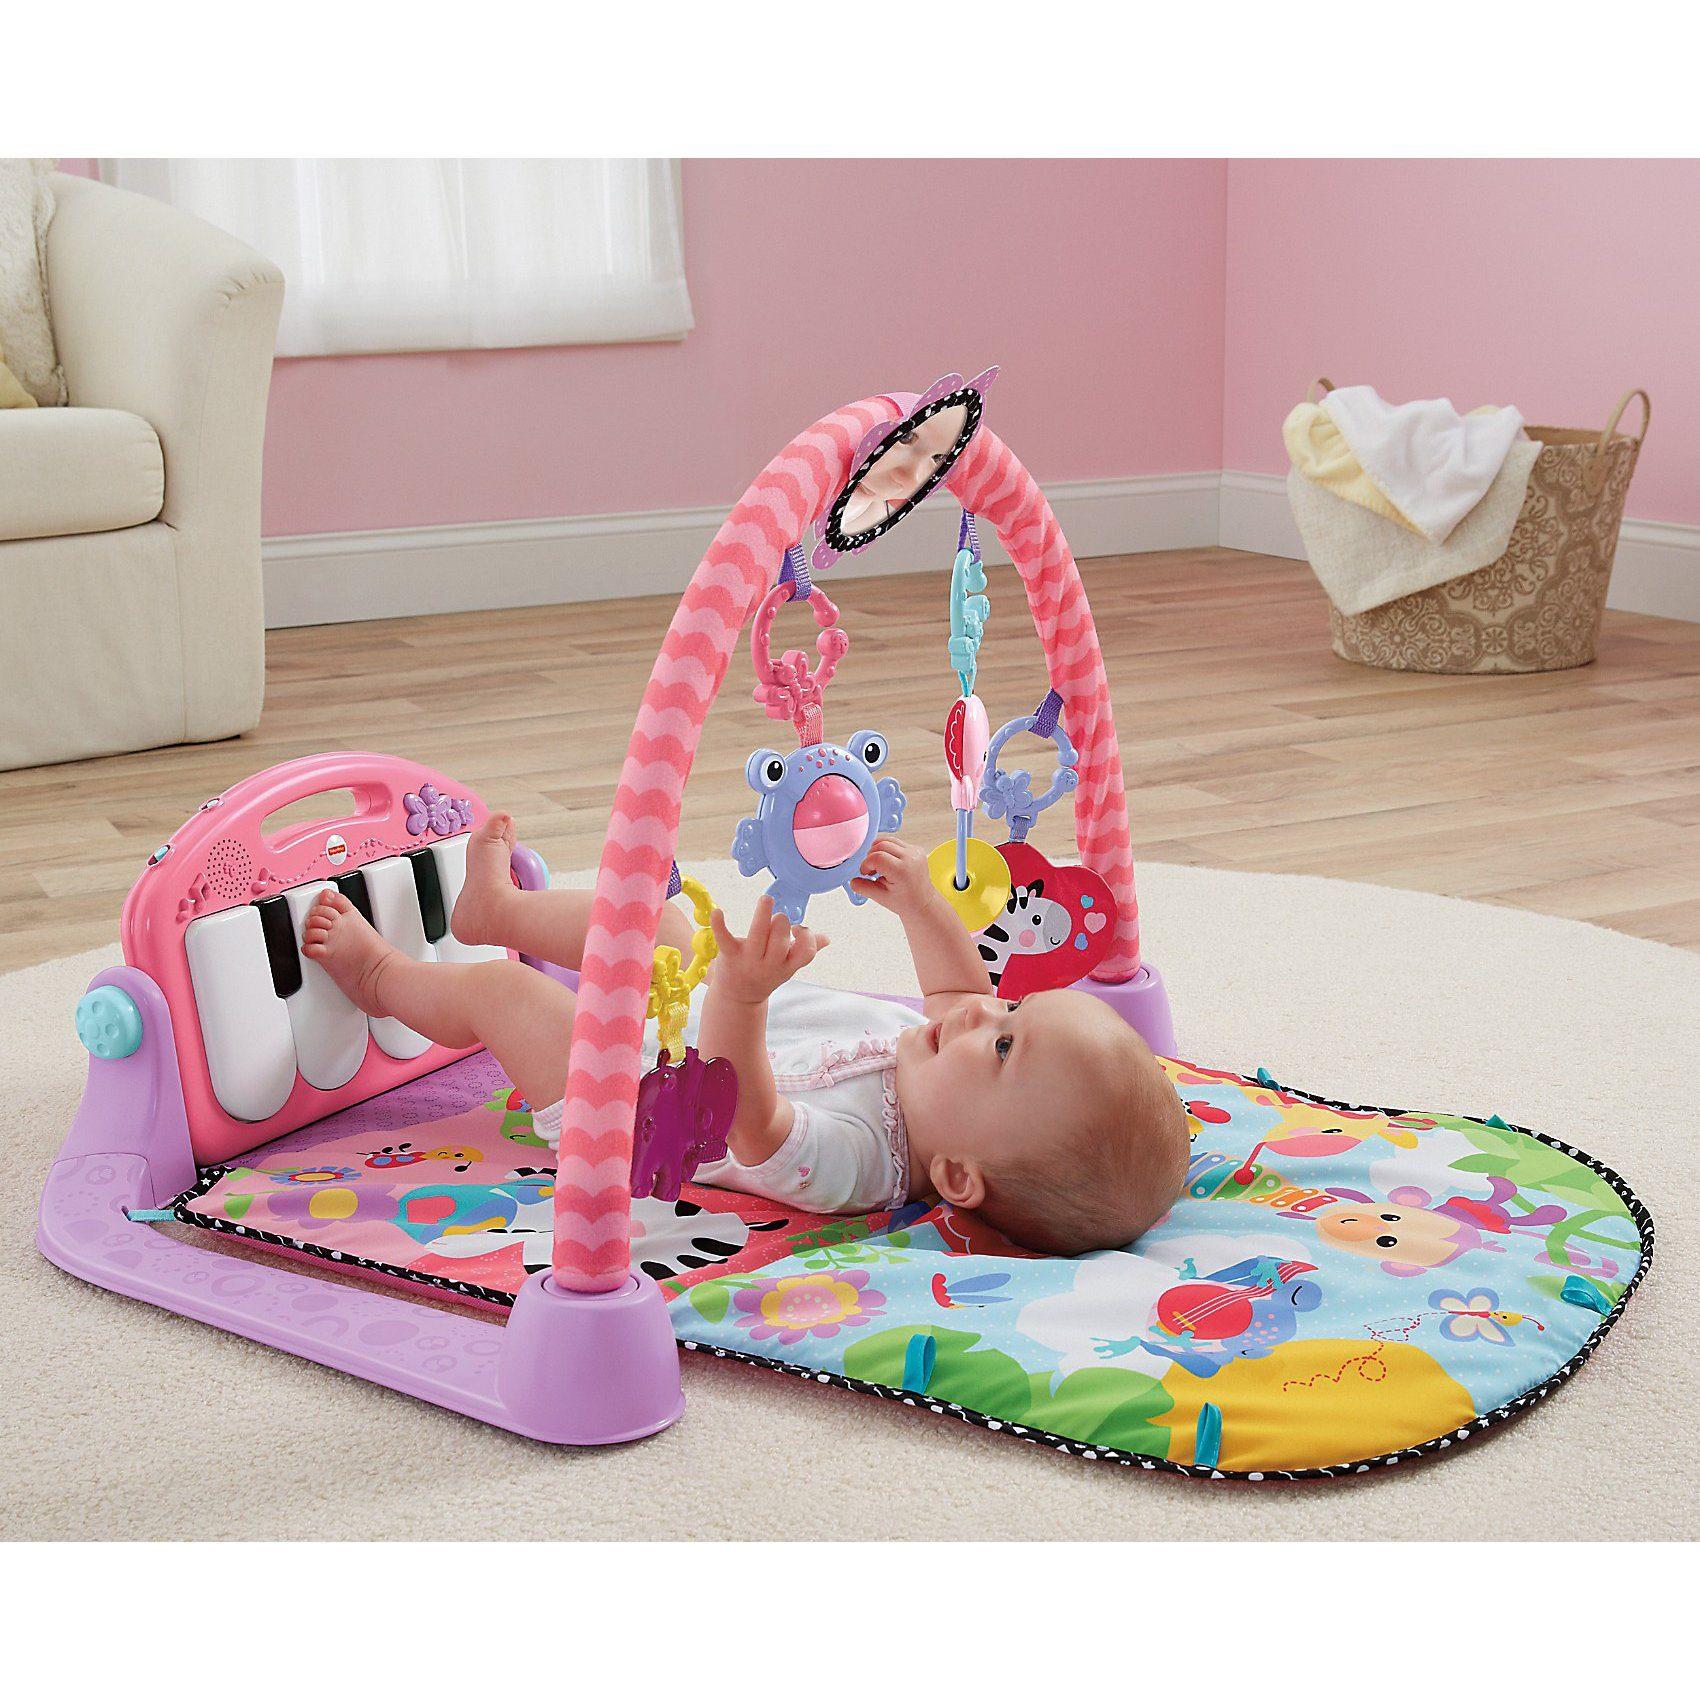 Mattel Fisher Price Spieldecke Piano Gym, pink